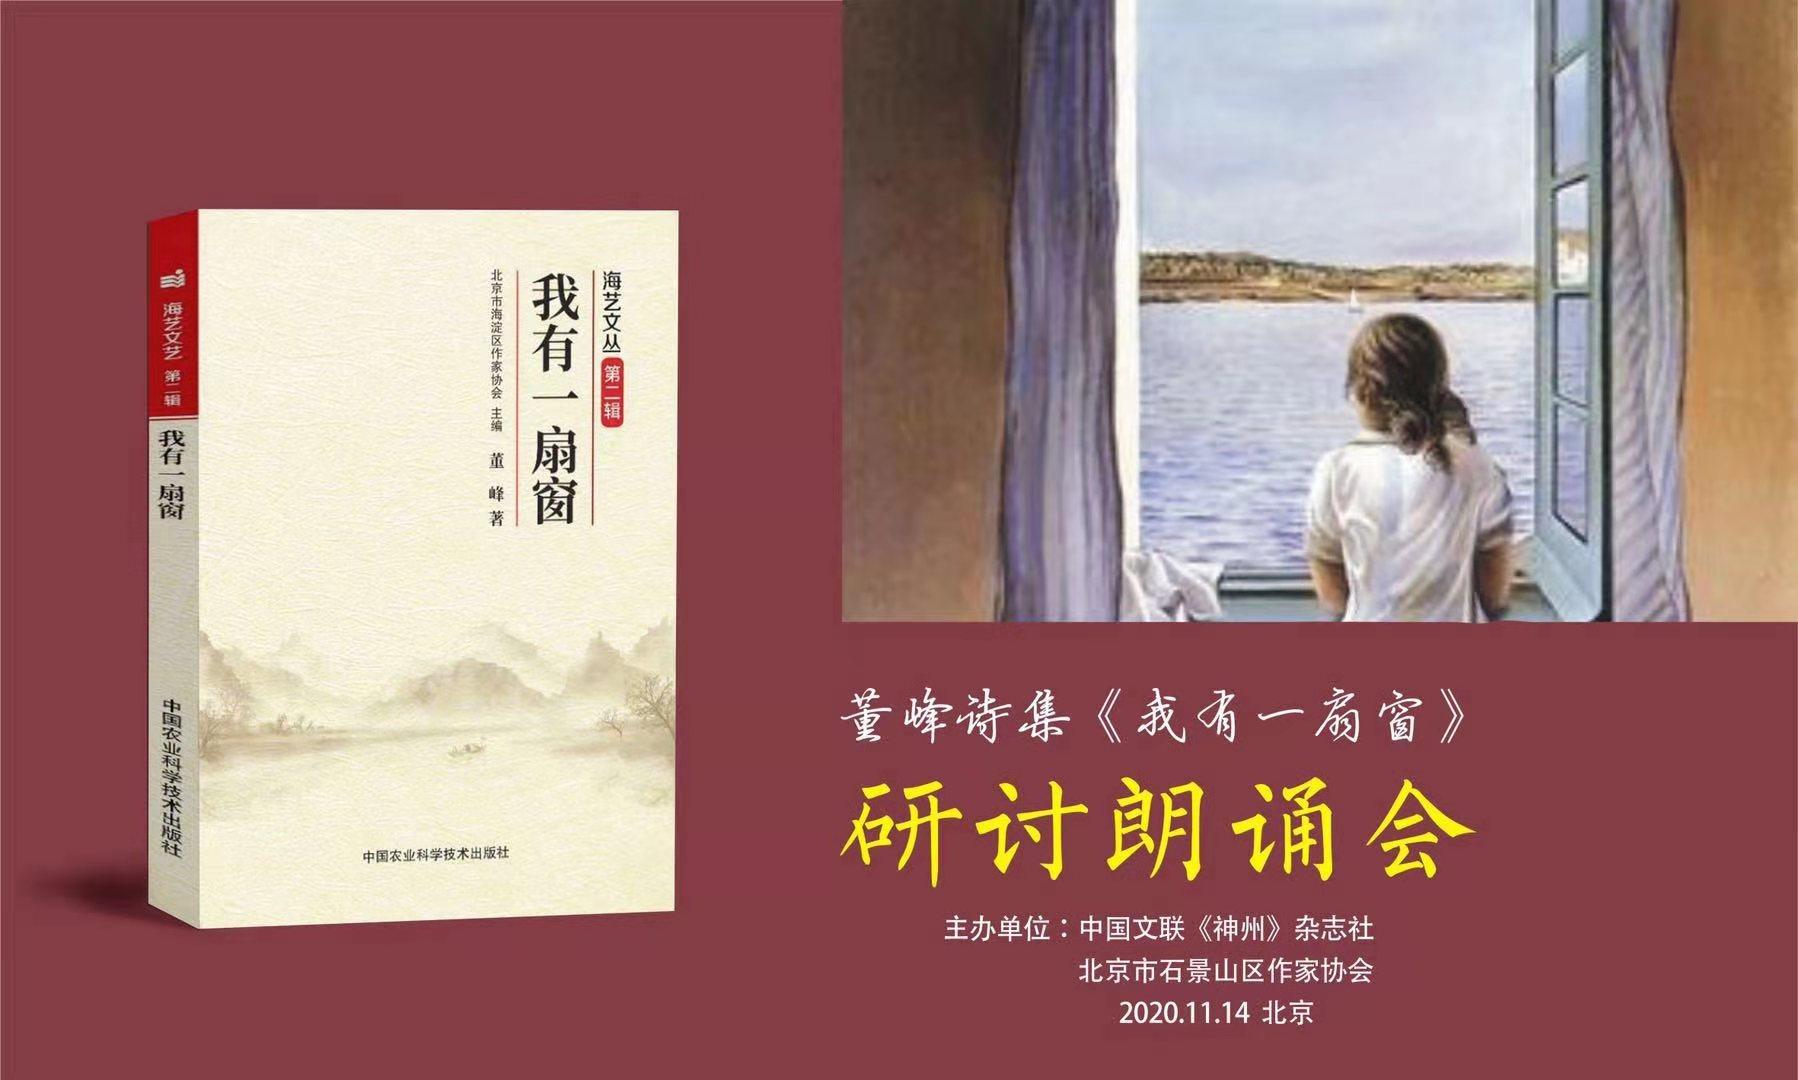 董峰诗集《我有一扇窗》在北京研讨